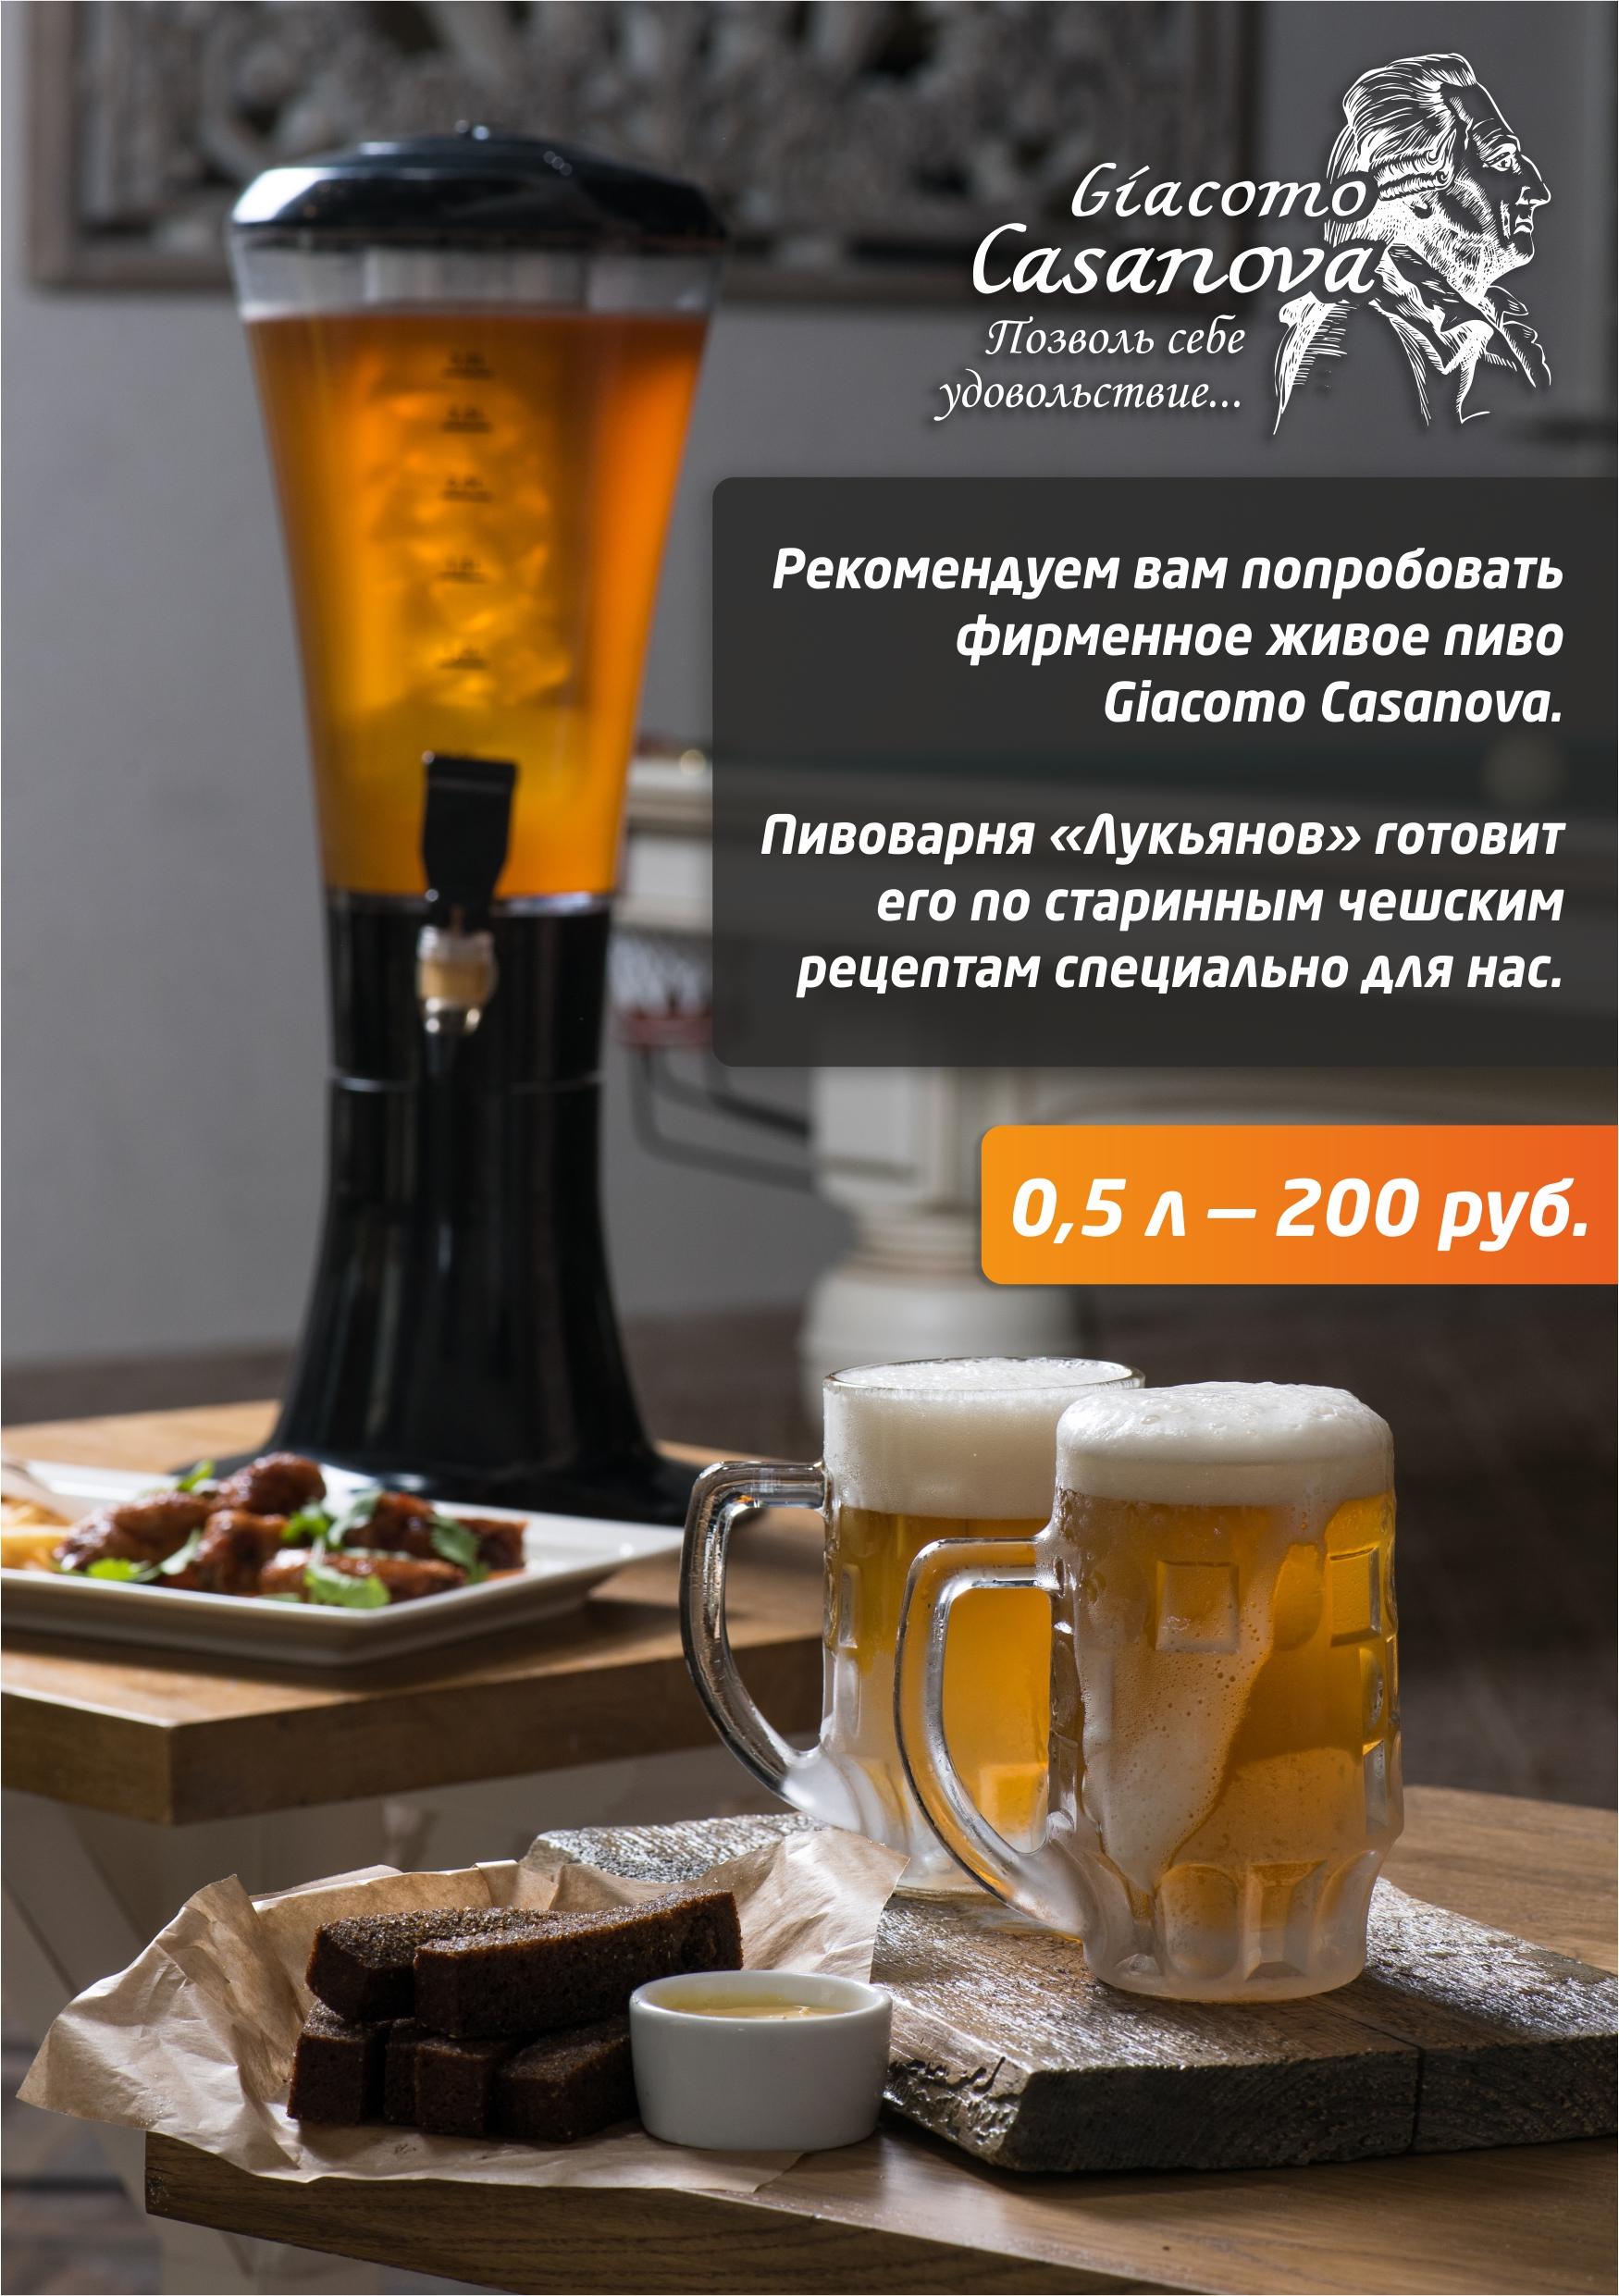 Тейблтент А5 пиво 2